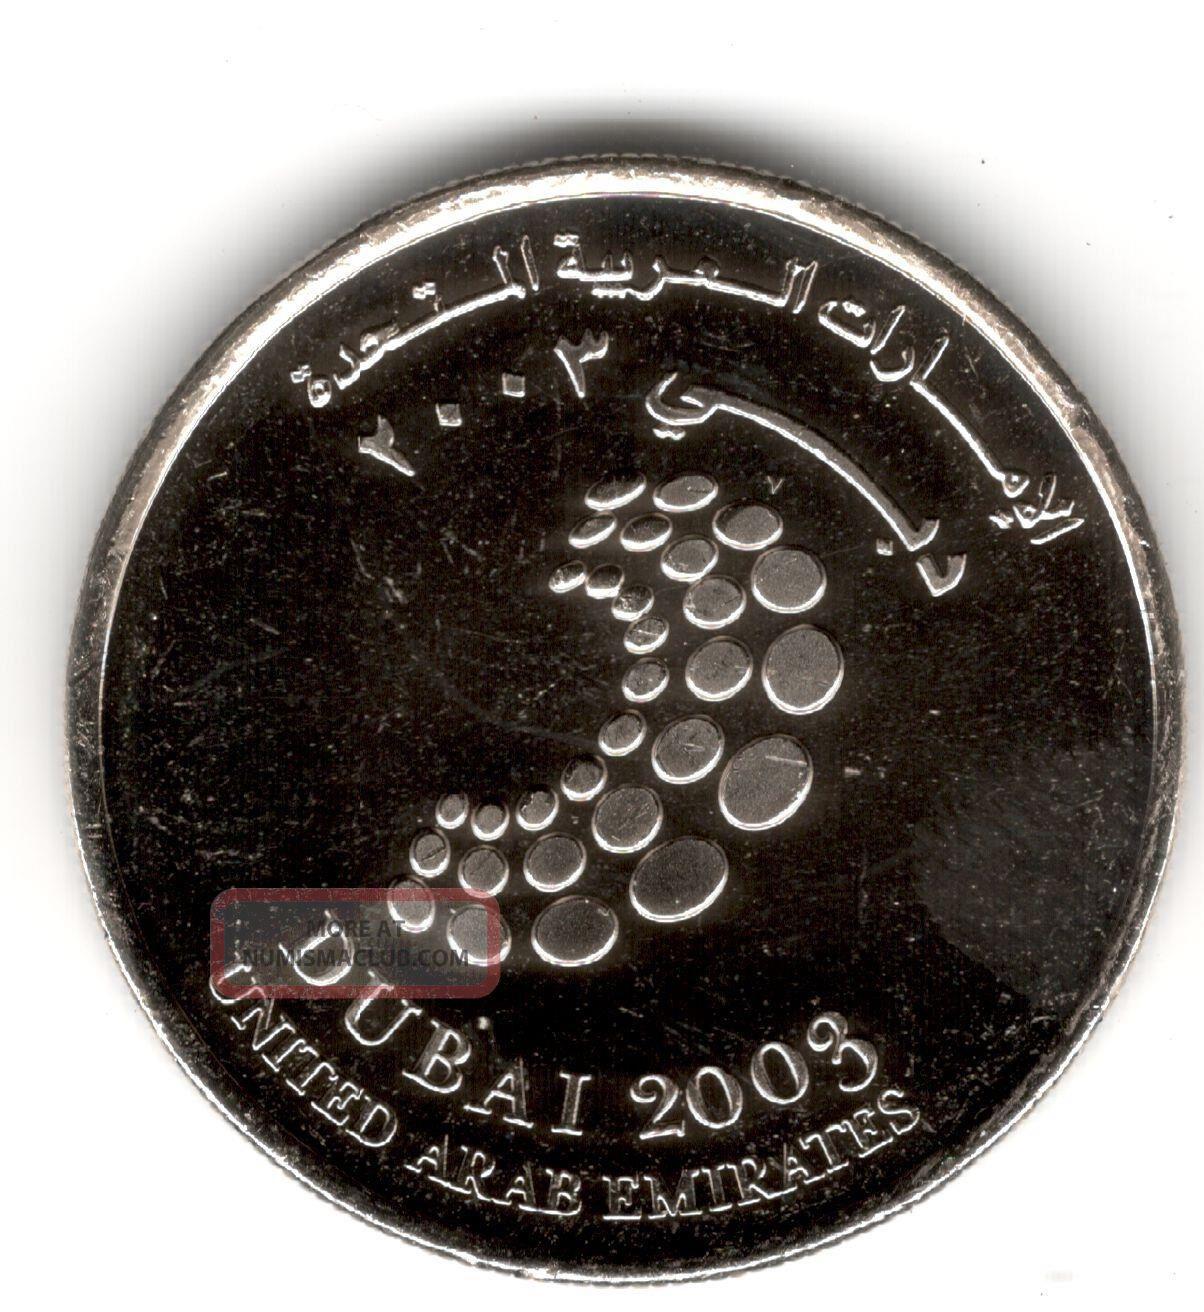 United Arab Emirates 2003 Dubai 2003 World Bank Group Unc Dirham Commemorative Middle East photo